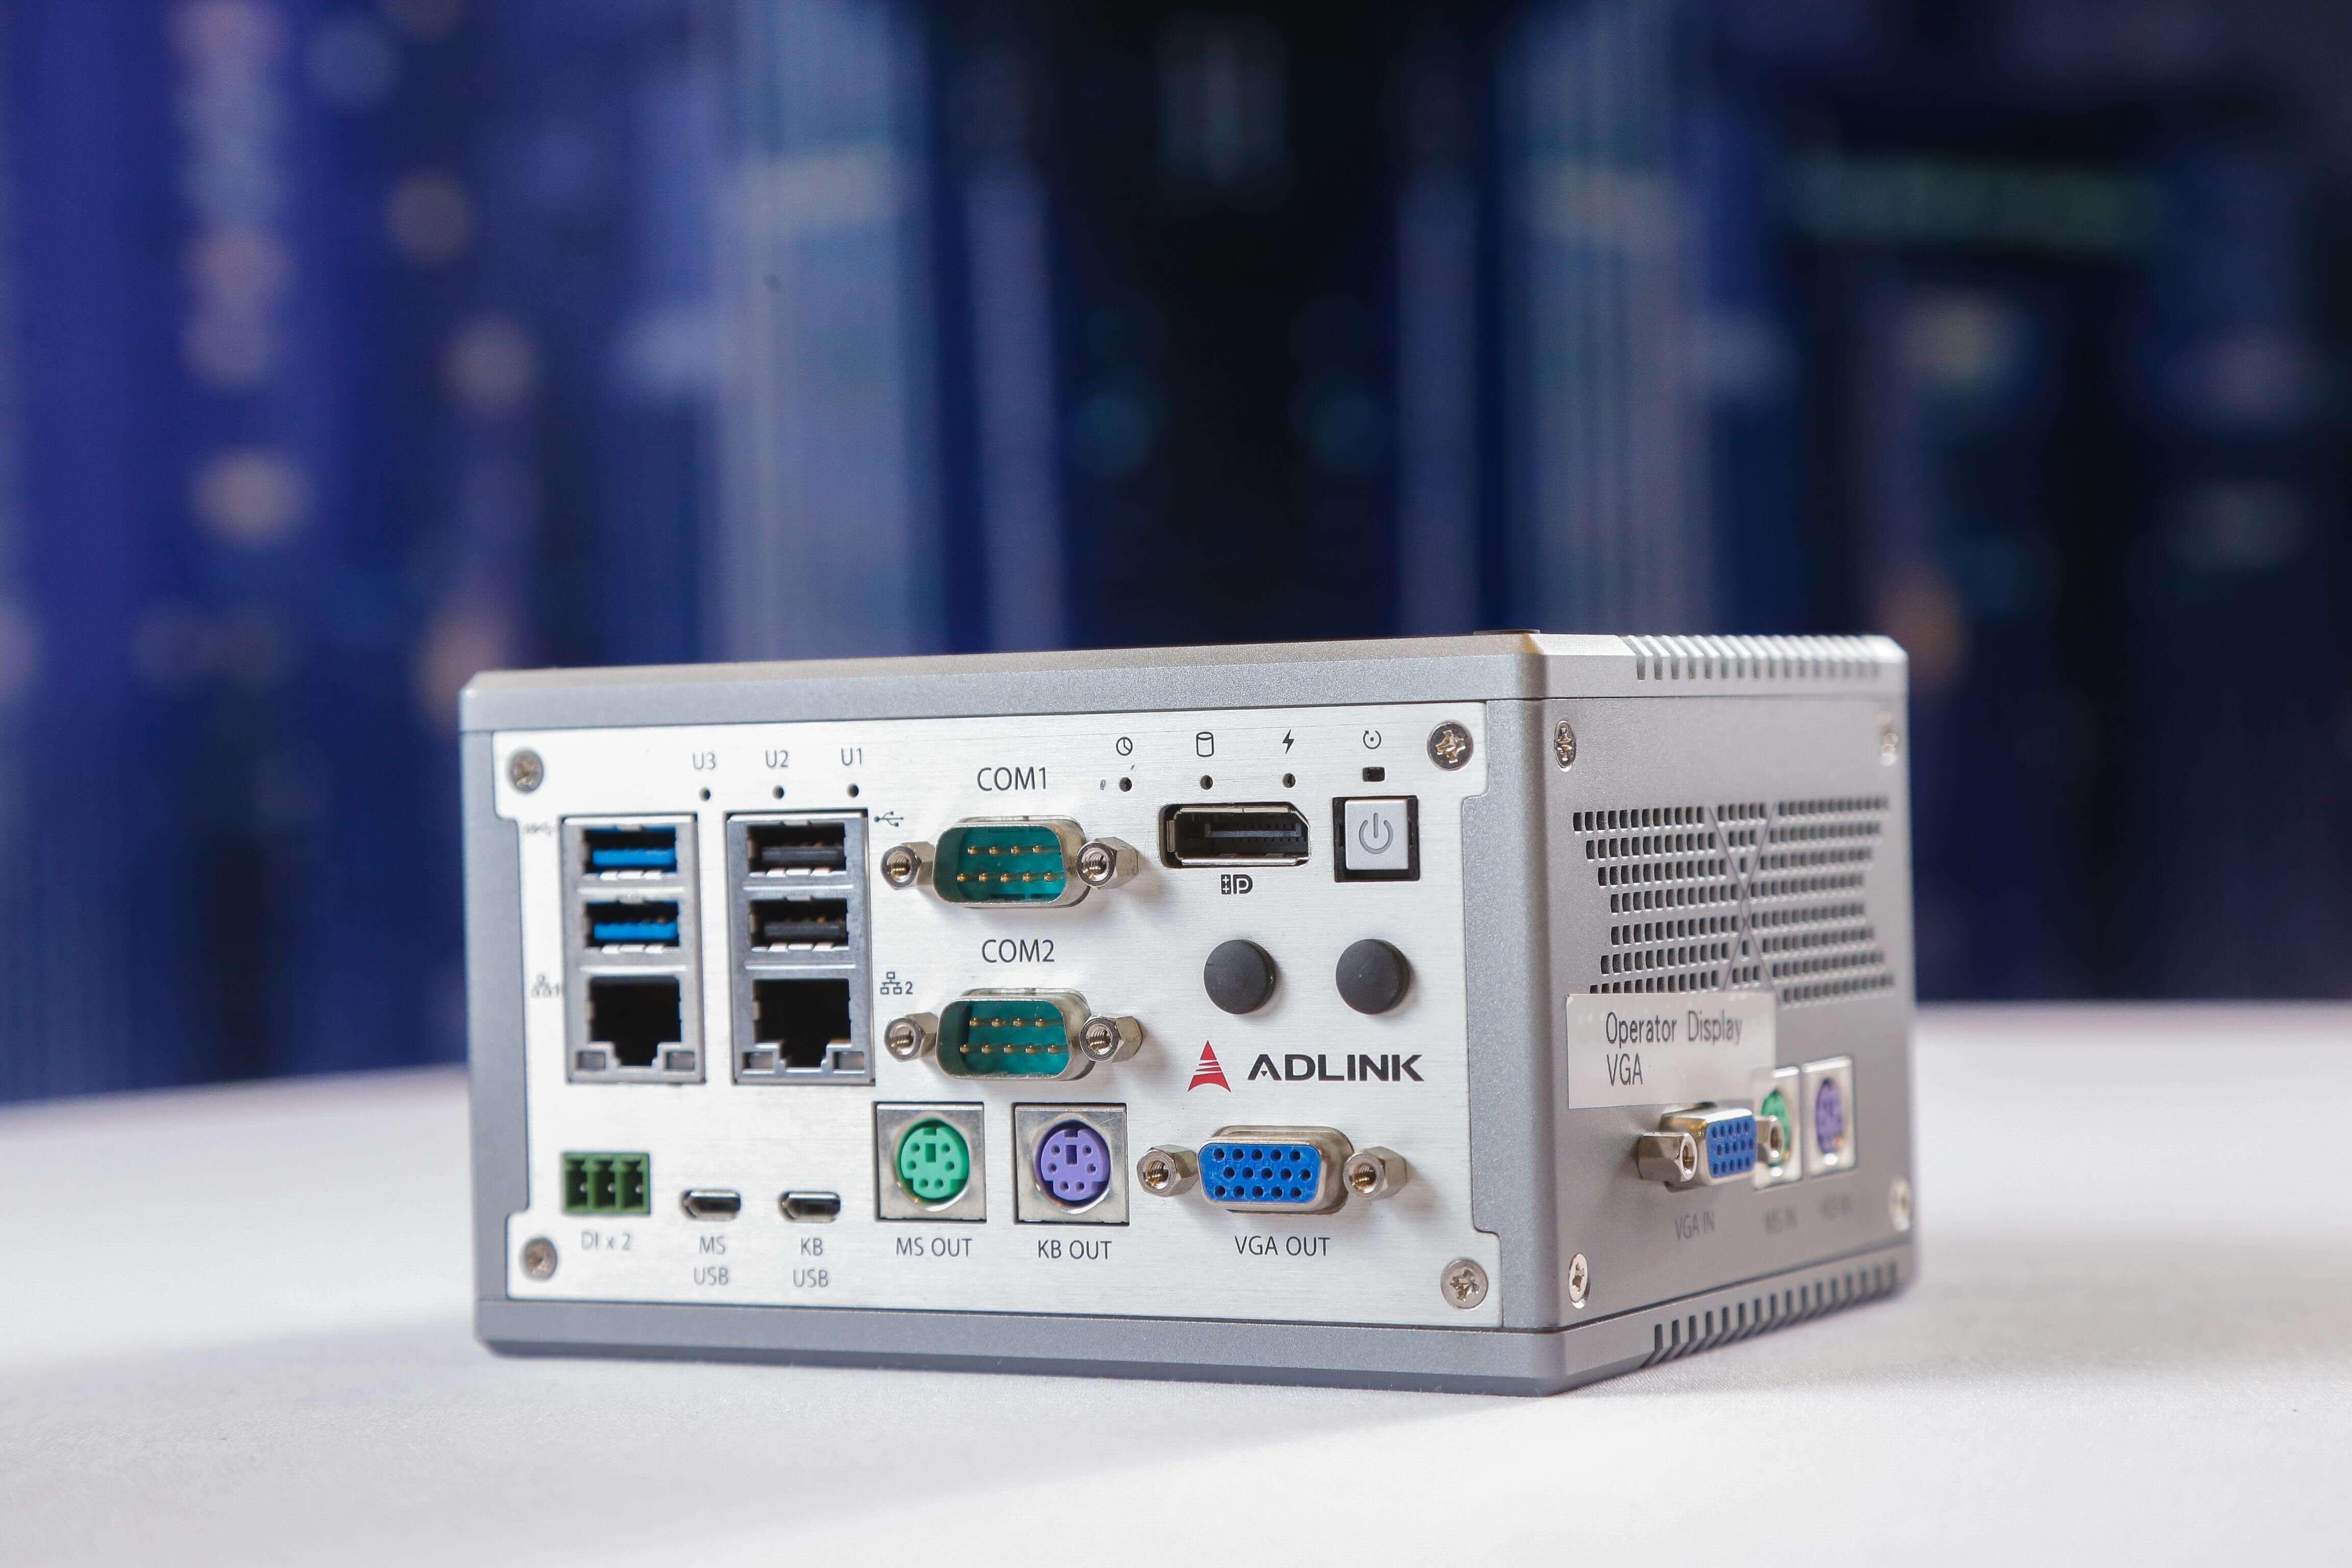 工業物聯網第一步,先為工廠老機器聯網!英特爾、凌華、微軟合作推完整工業物聯網解決方案